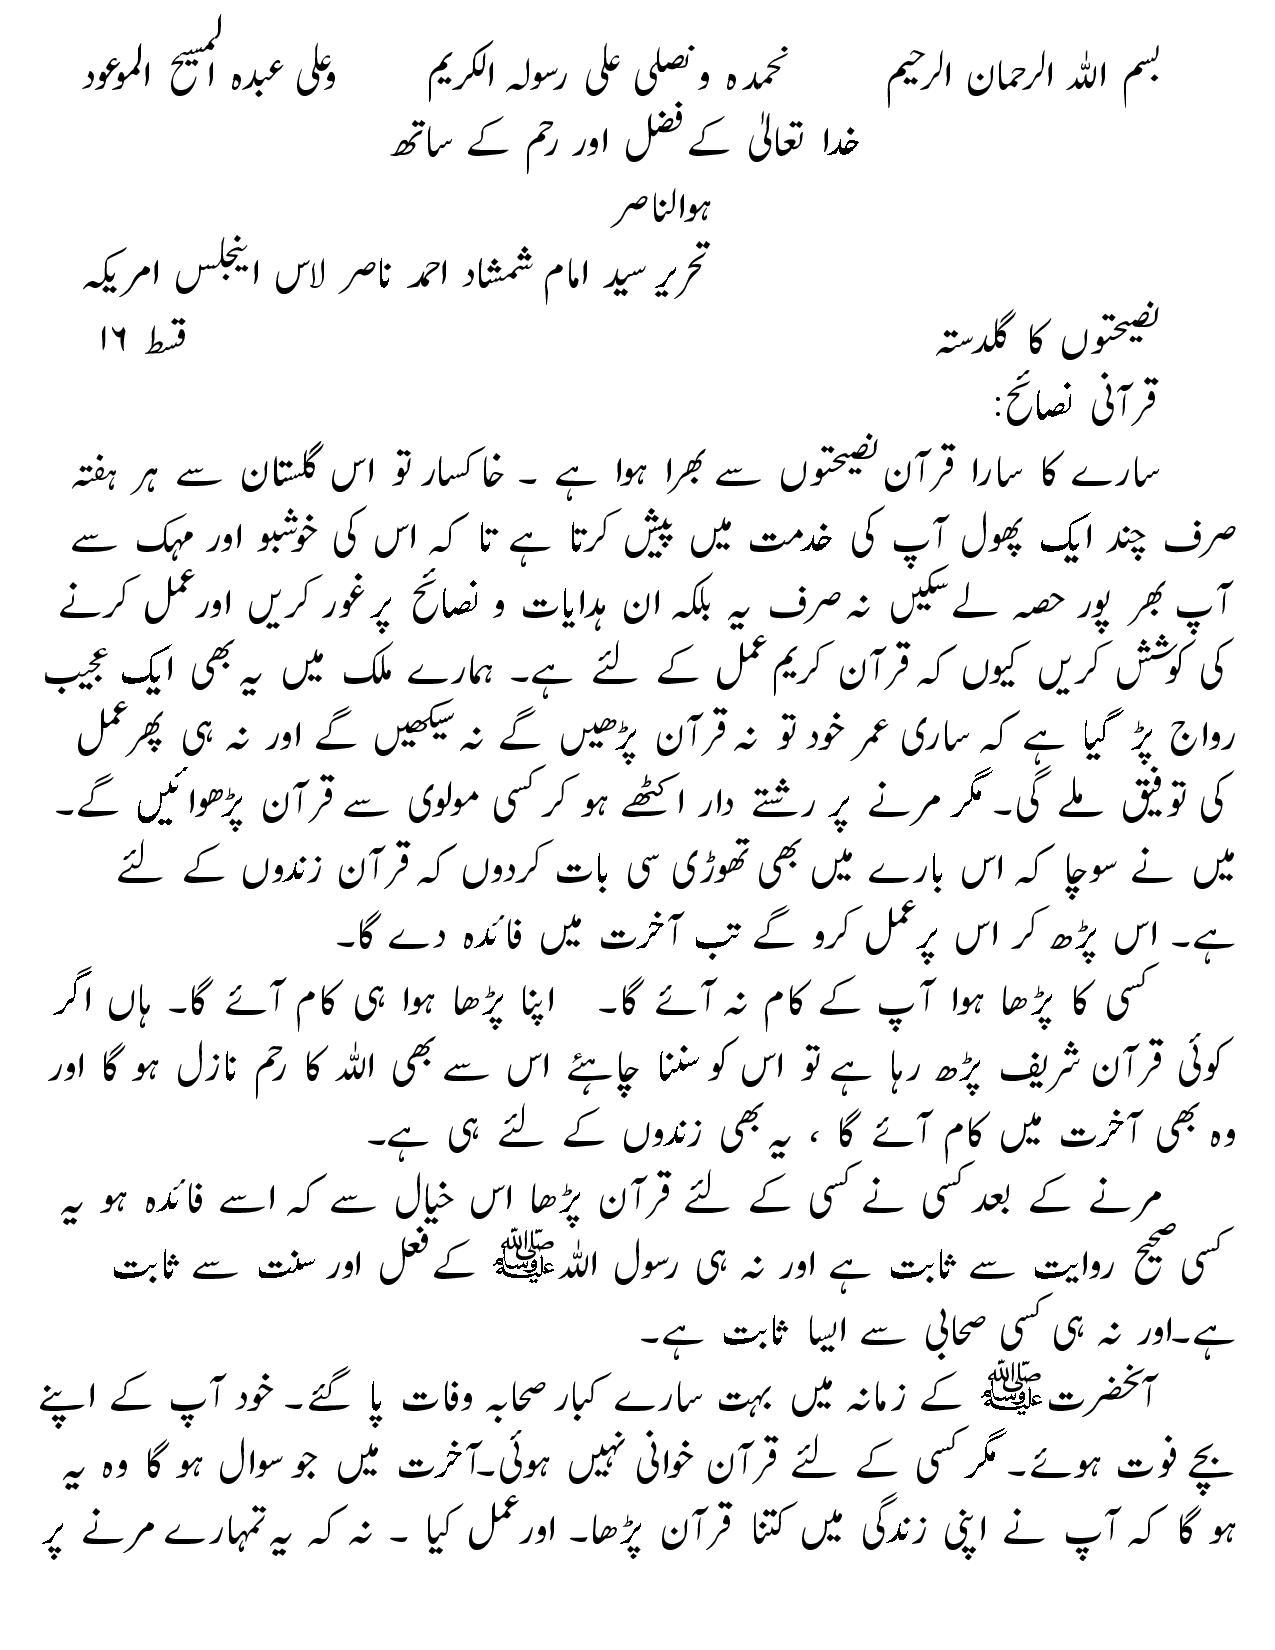 Urdu Artcile Naseehato N Ka Guldasta By Imam Shamshad A